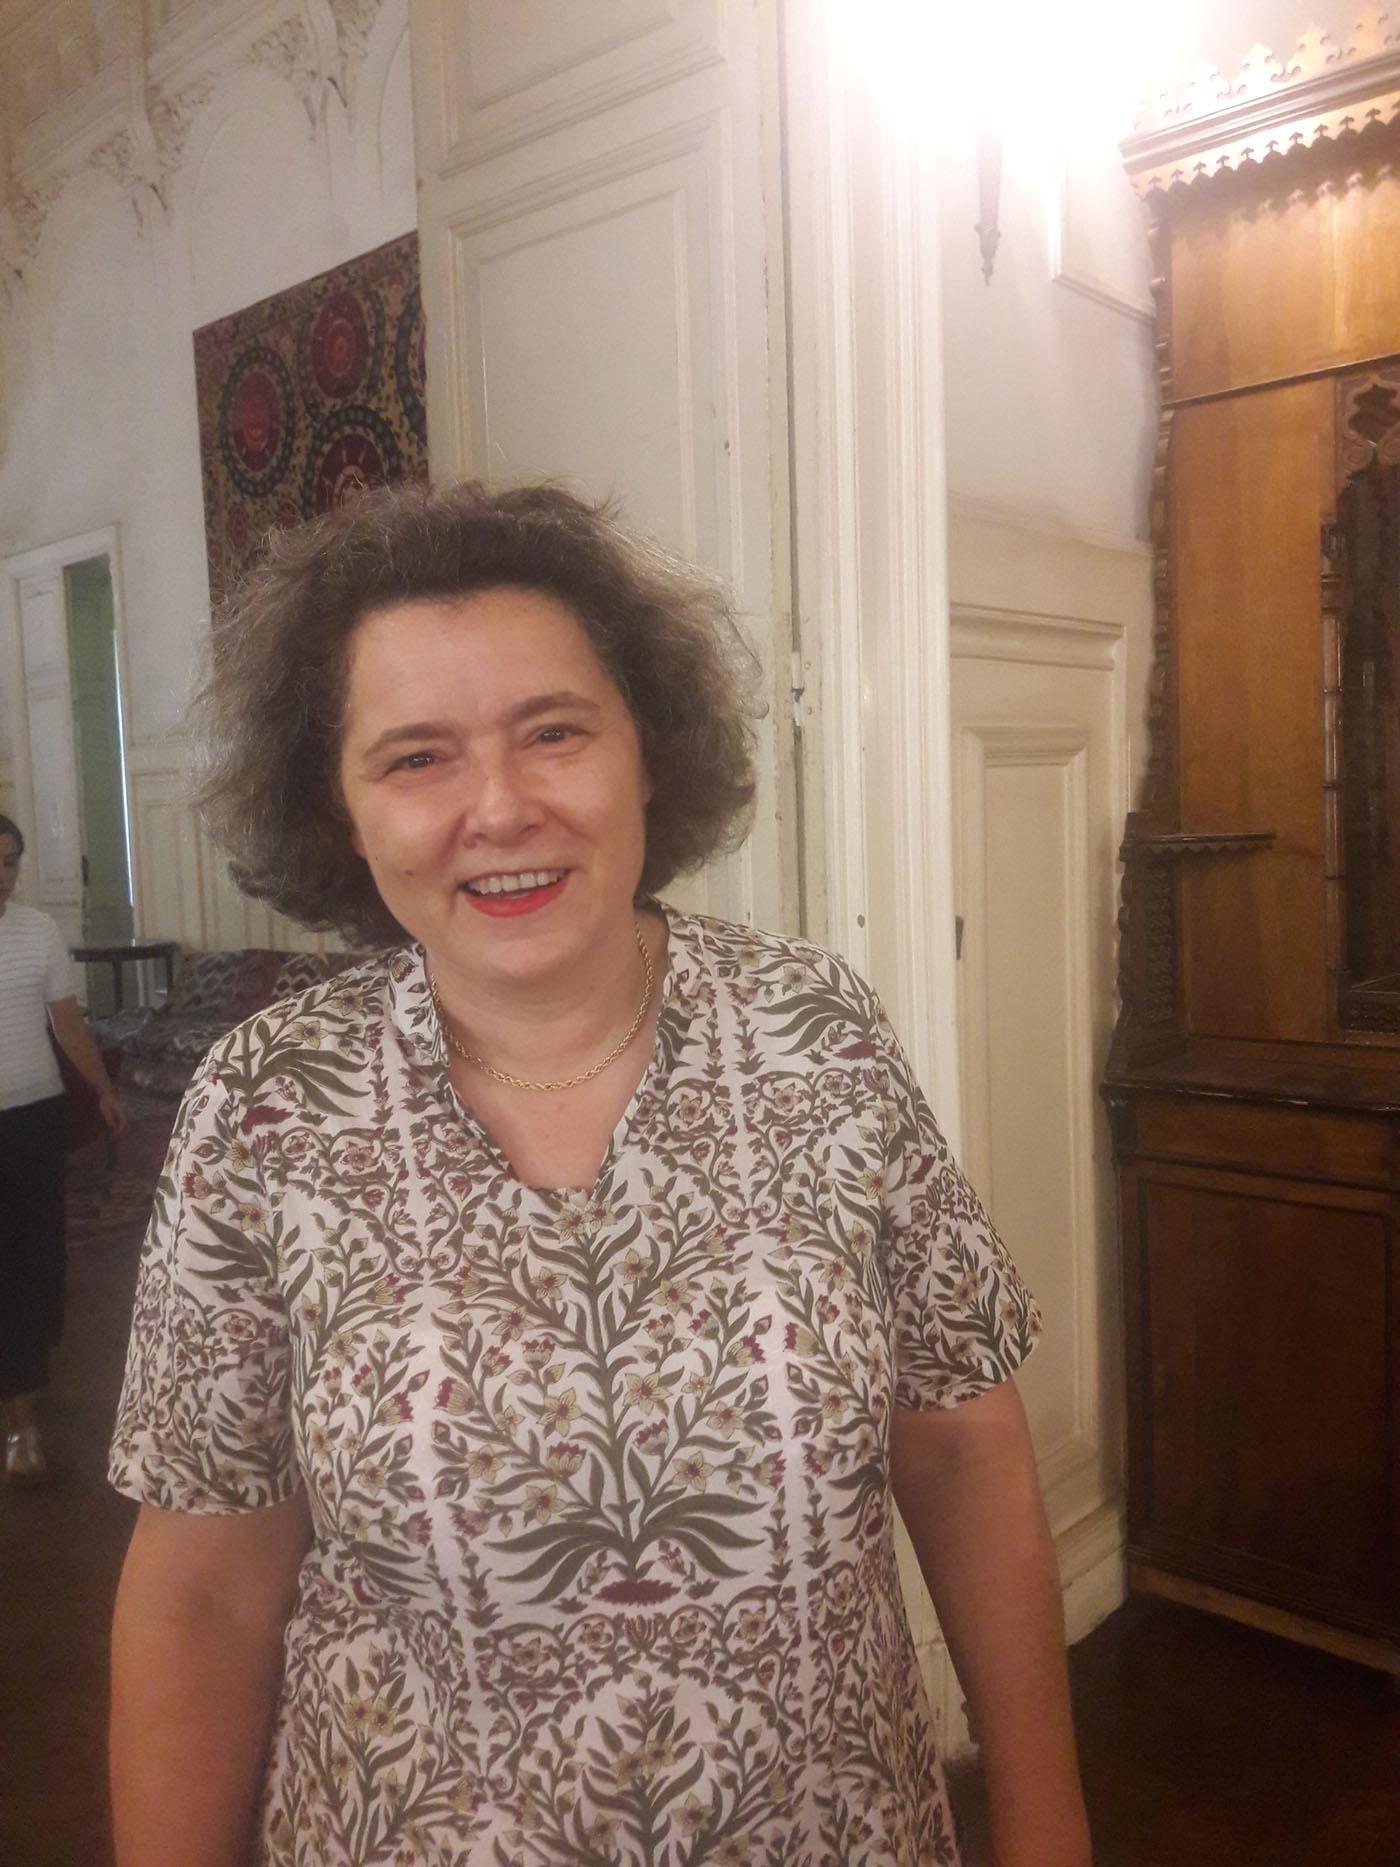 ماري دومينيك نينا مديرة مركز الدراسات السكندرية